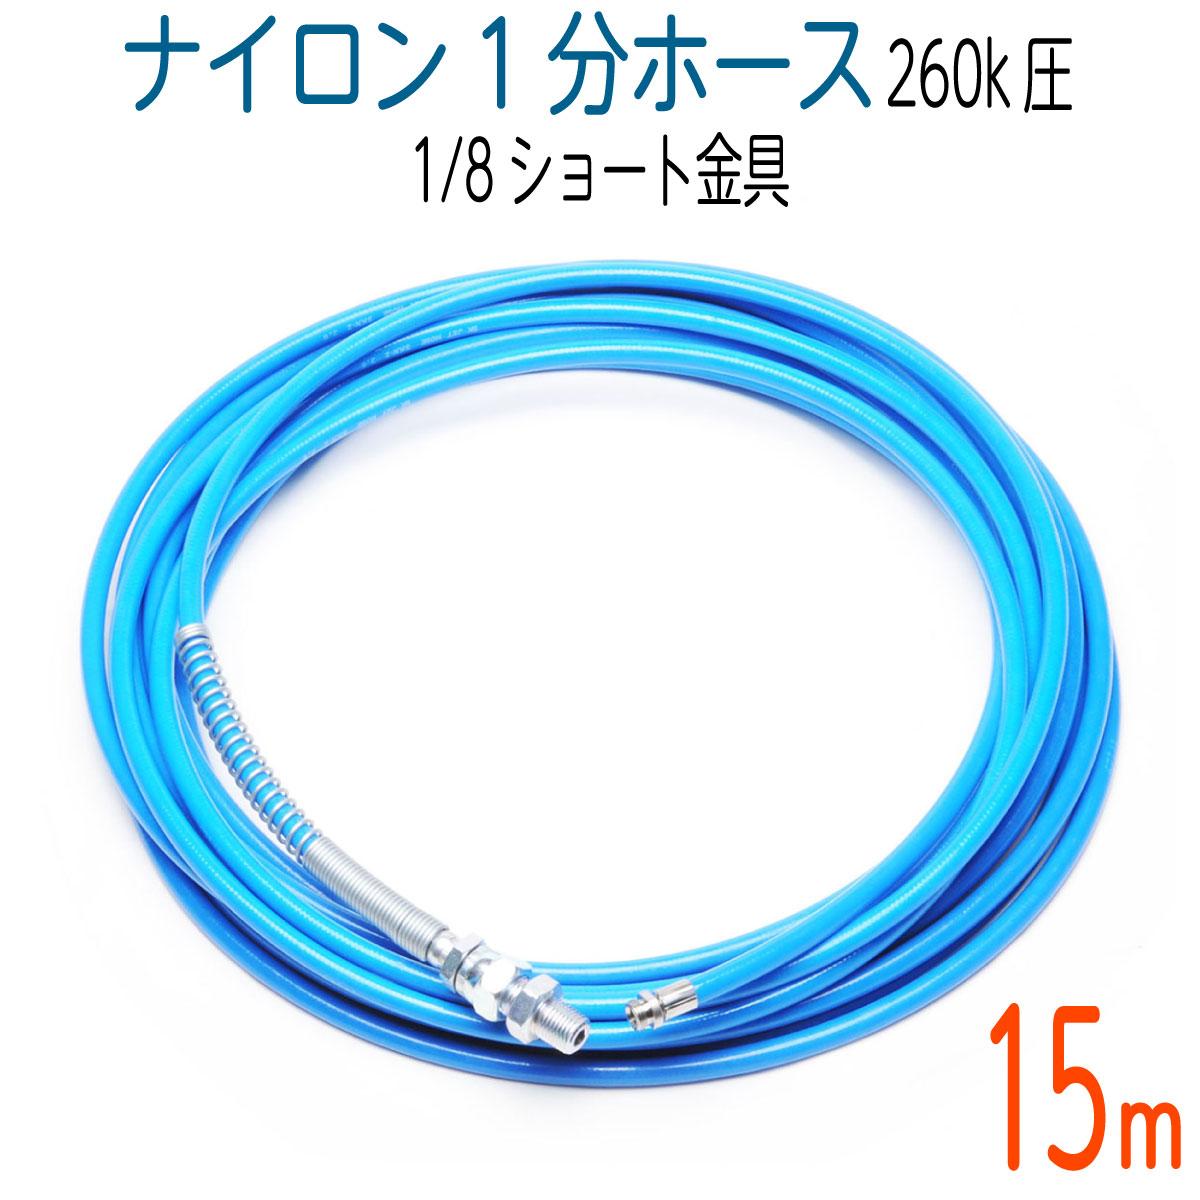 ショート金具 初回限定 ナイロン洗管ホース 3.6 1分 ☆送料無料☆ 当日発送可能 15M ×